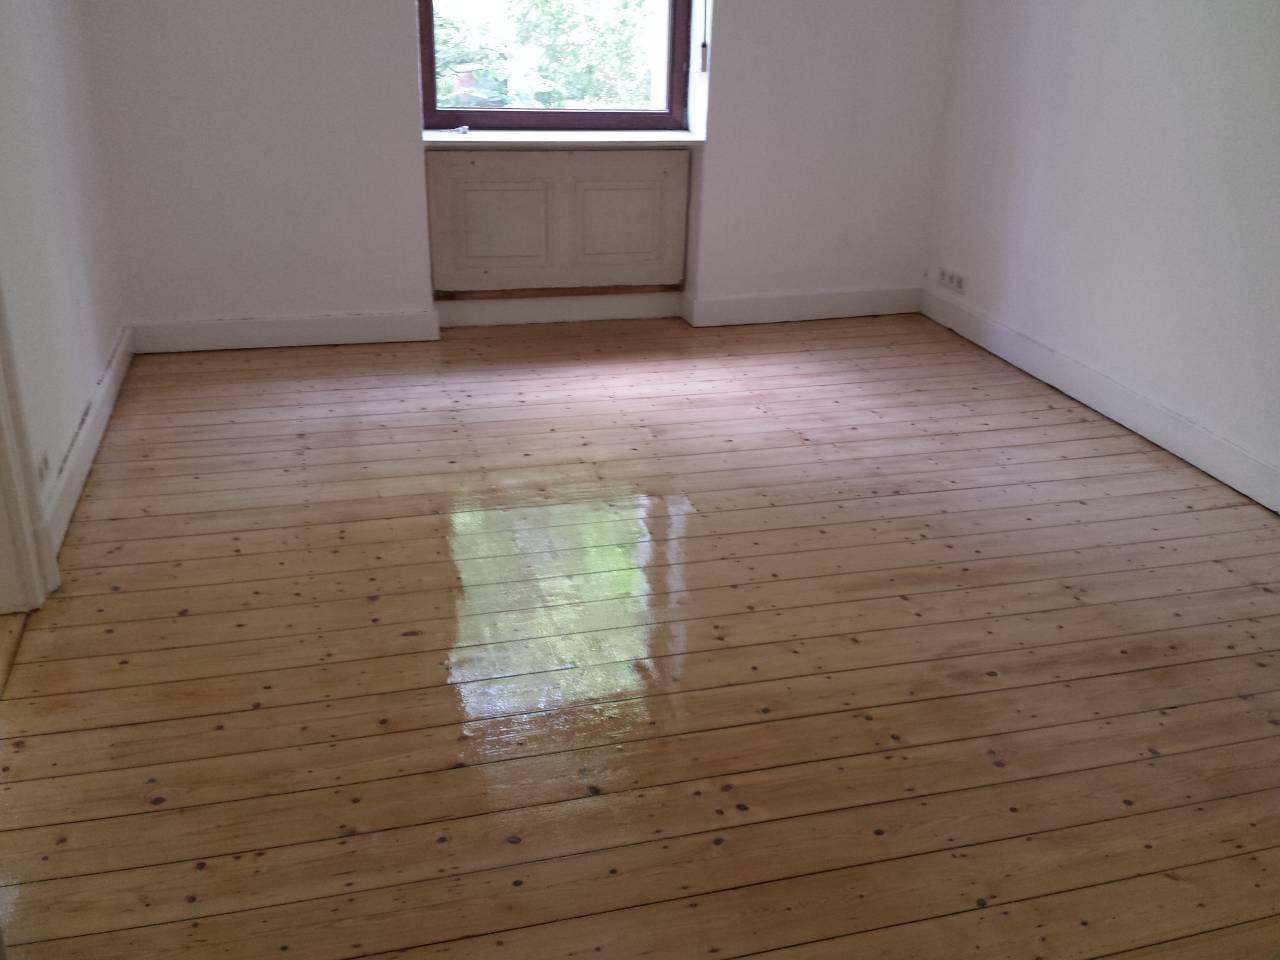 Dielenboden abschleifen, Firma  Baron  für  alle  Fälle     Raumausstatter - Fußbodenleger -  Renovierungen -Dielenboden Dielenboden - Verlegung - Restaurierung und Sanierung, Aufbereitung / Aufarbeitung verschlissener Stellen.